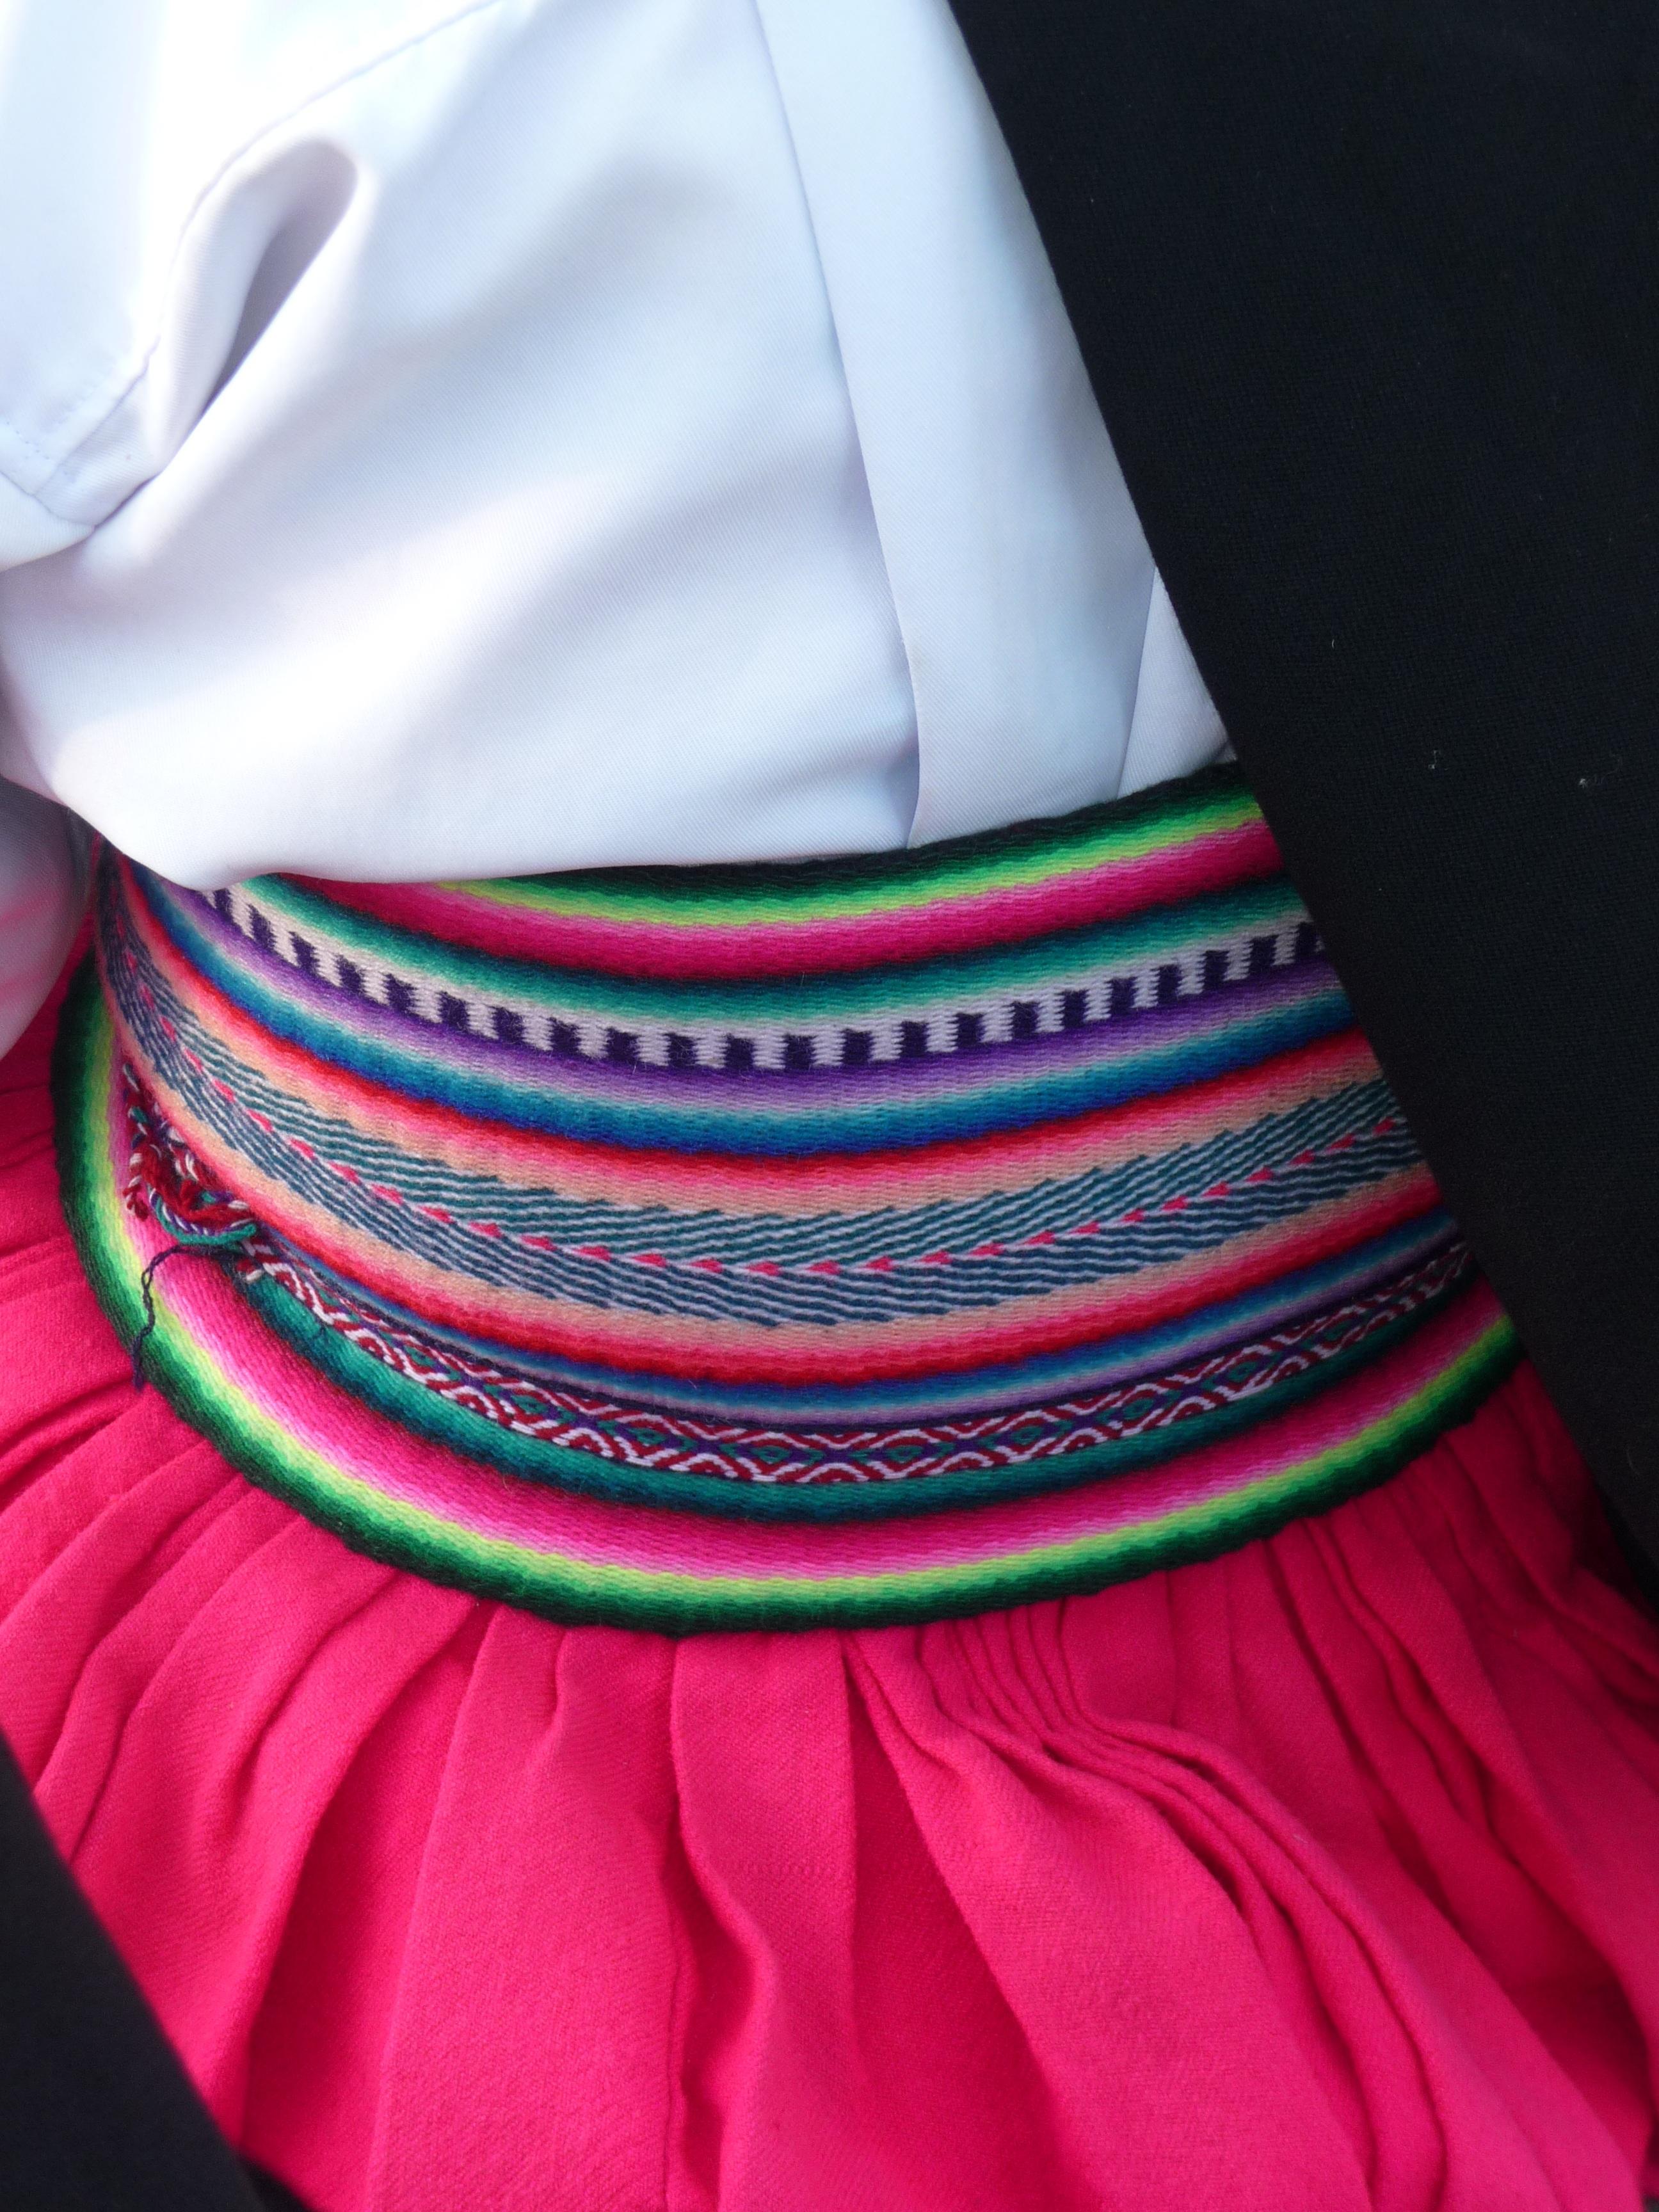 Fotos gratis : patrón, vistoso, color, arte, ropa, tejer, rosado ...